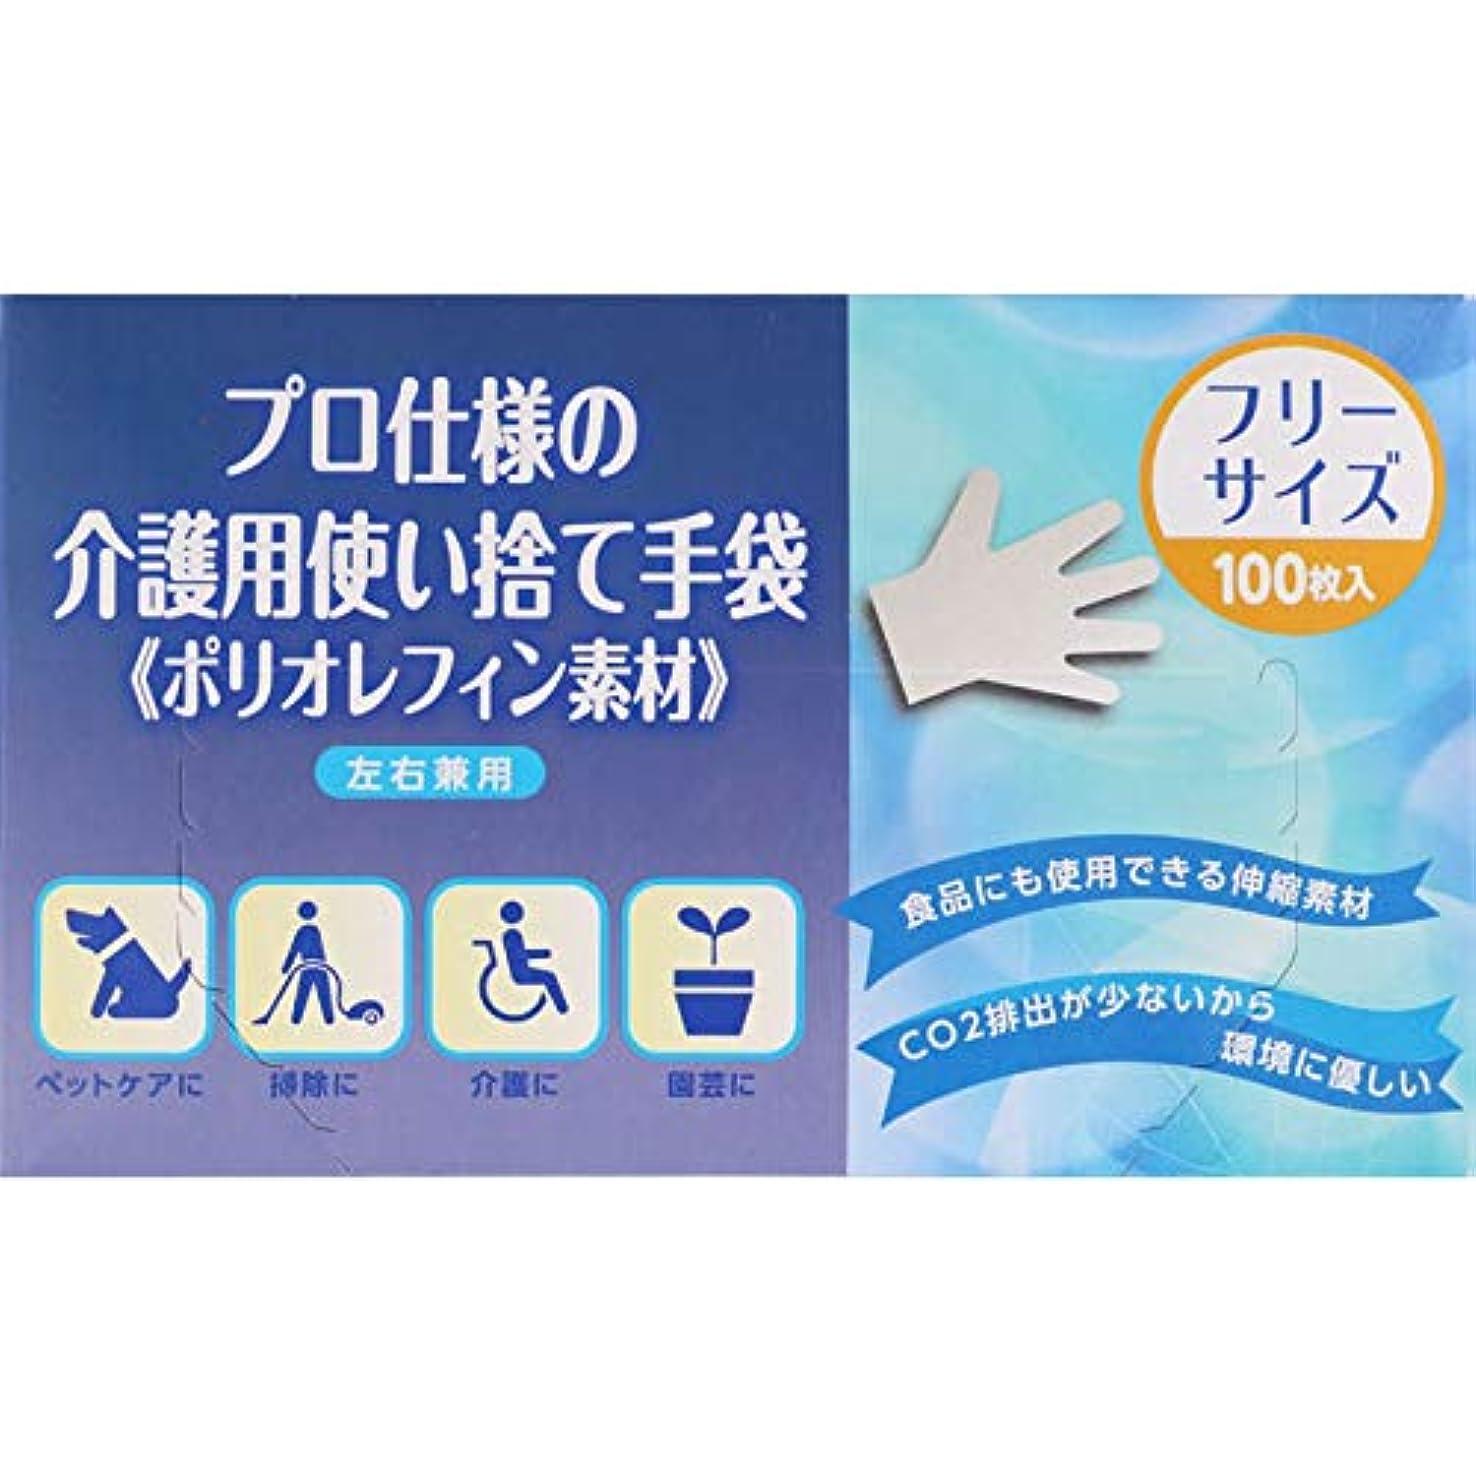 欺く梨効果的に【5個セット】プロ仕様の介護用使い捨て手袋《ポリオレフィン素材》 100枚